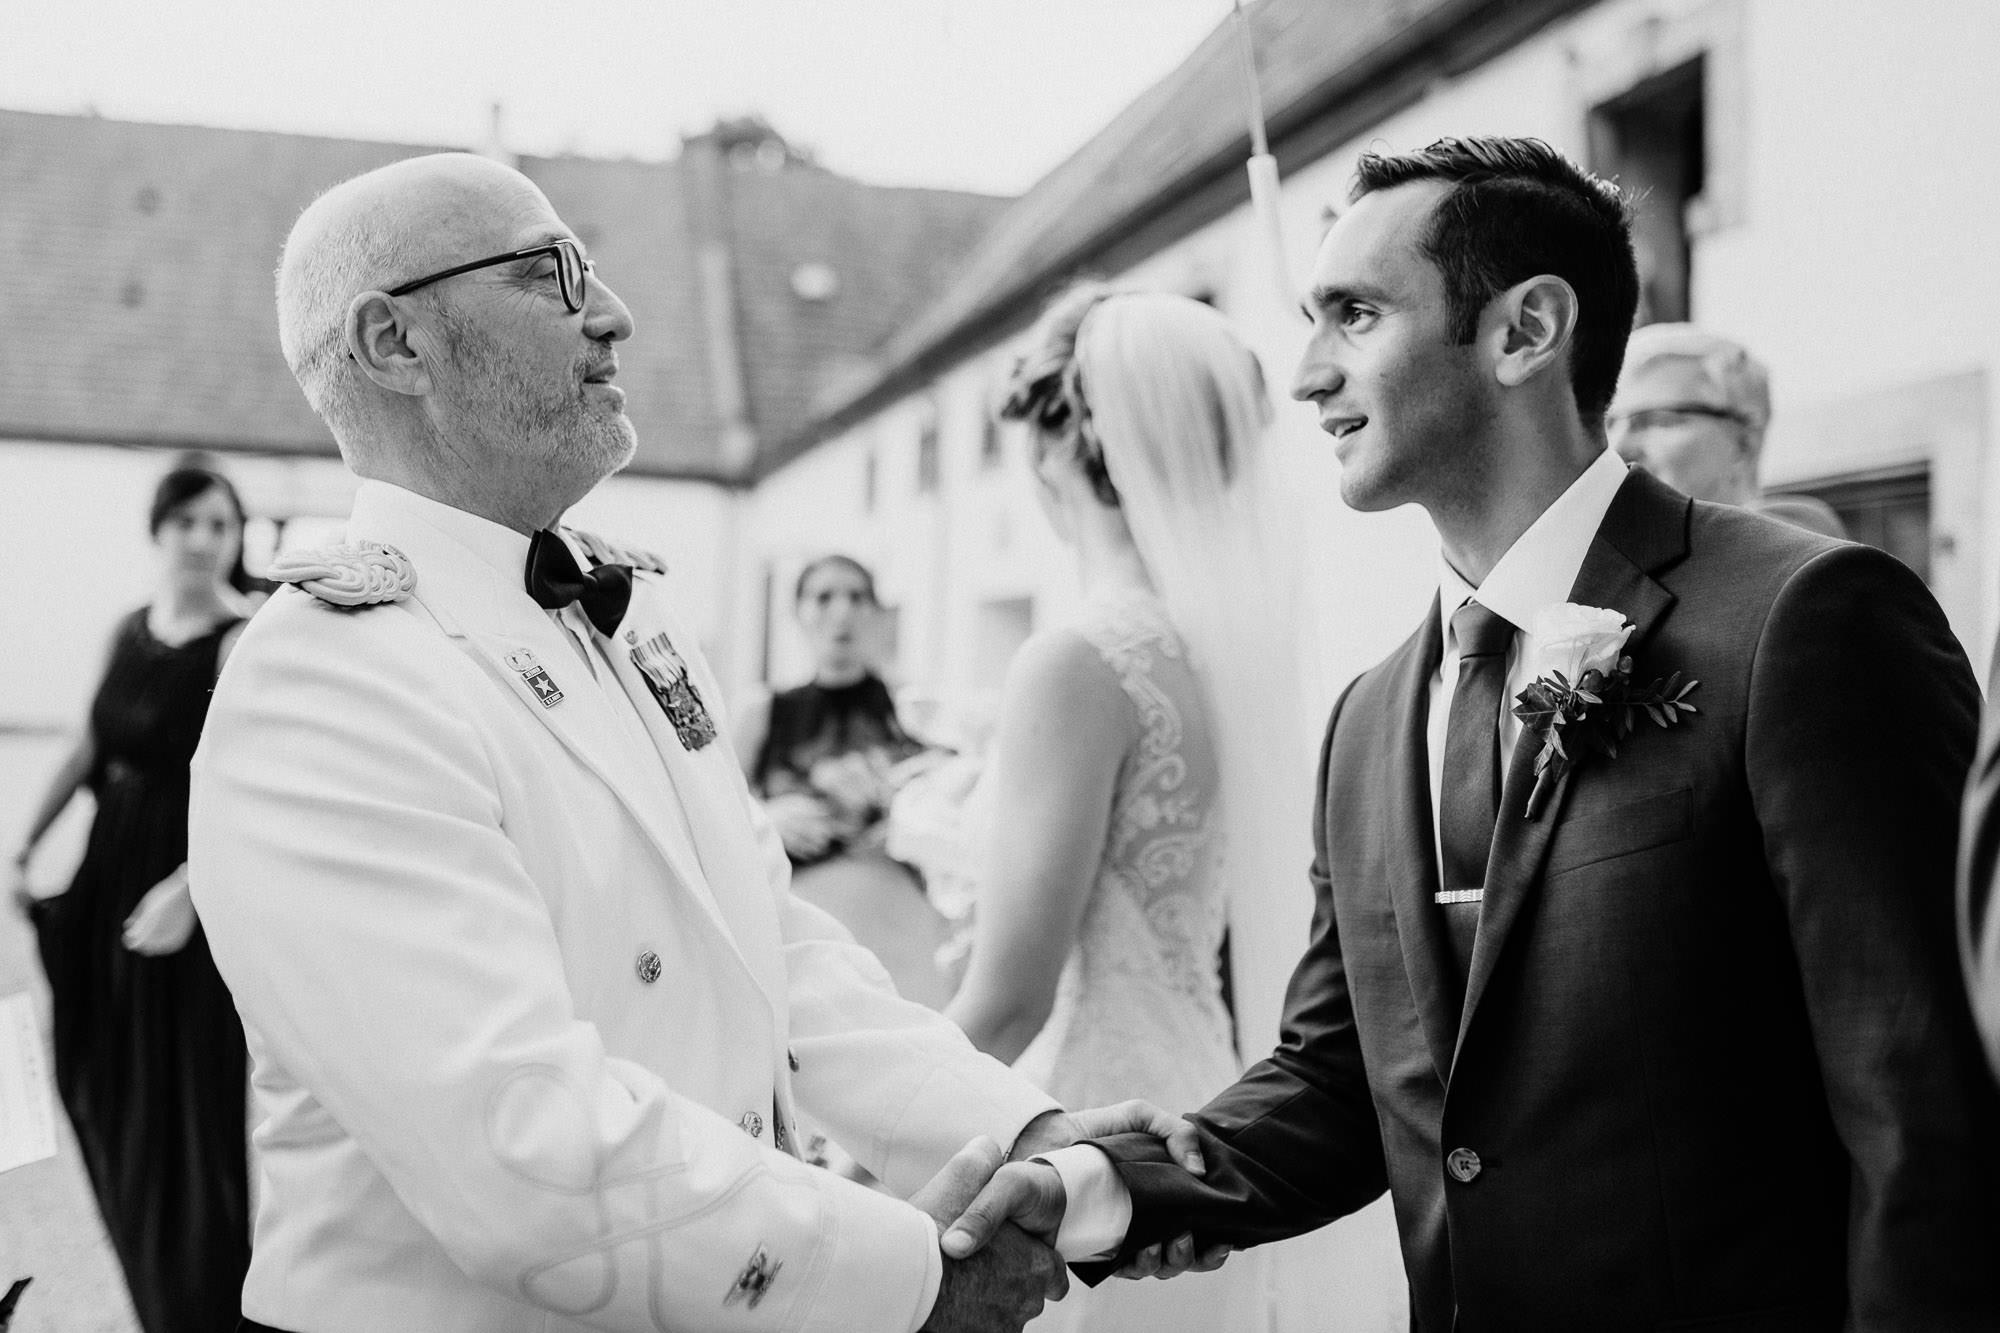 rustic-elegant-wedding-schloss-hochzeit-eyrichshof-franken-bamberg-082